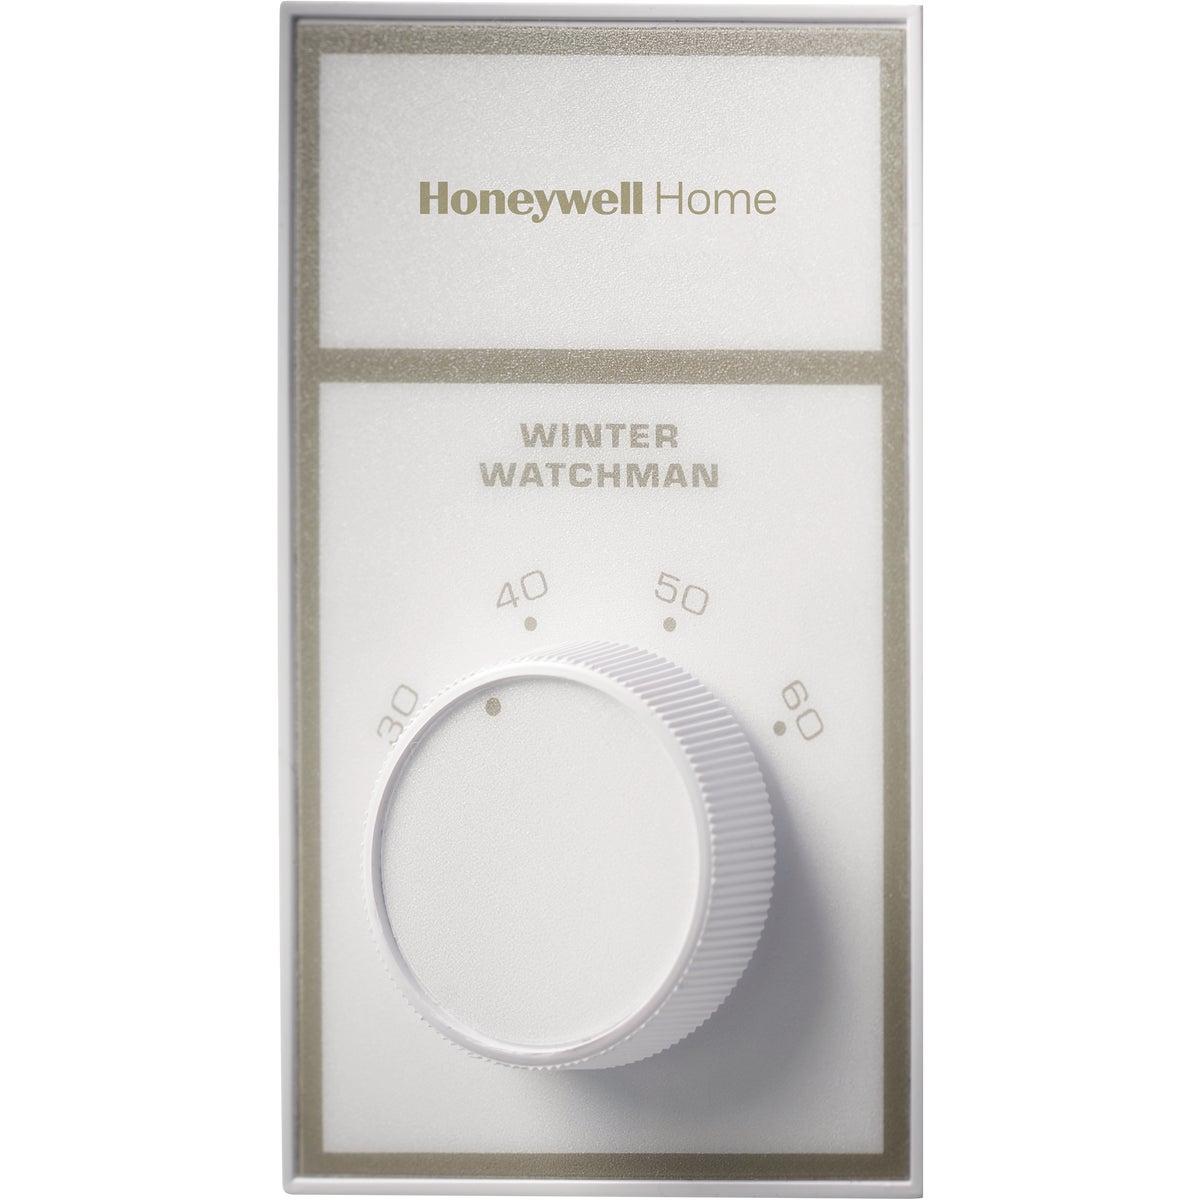 Winter Watchman Low-Temperature Alarm